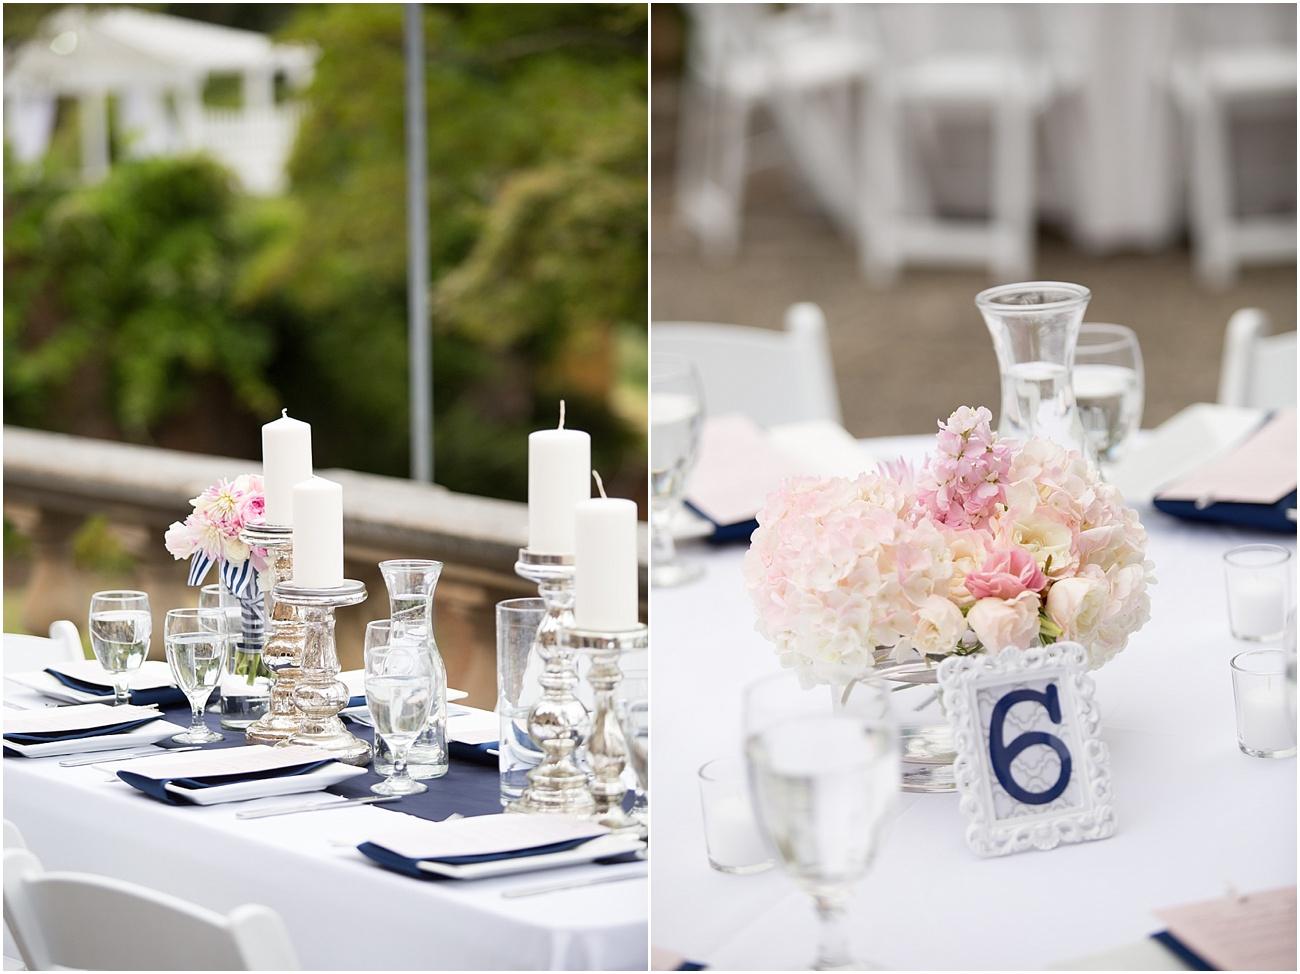 Thomas_Wedding_Weyerhaesure_Estate_Tacoma_Washington_2